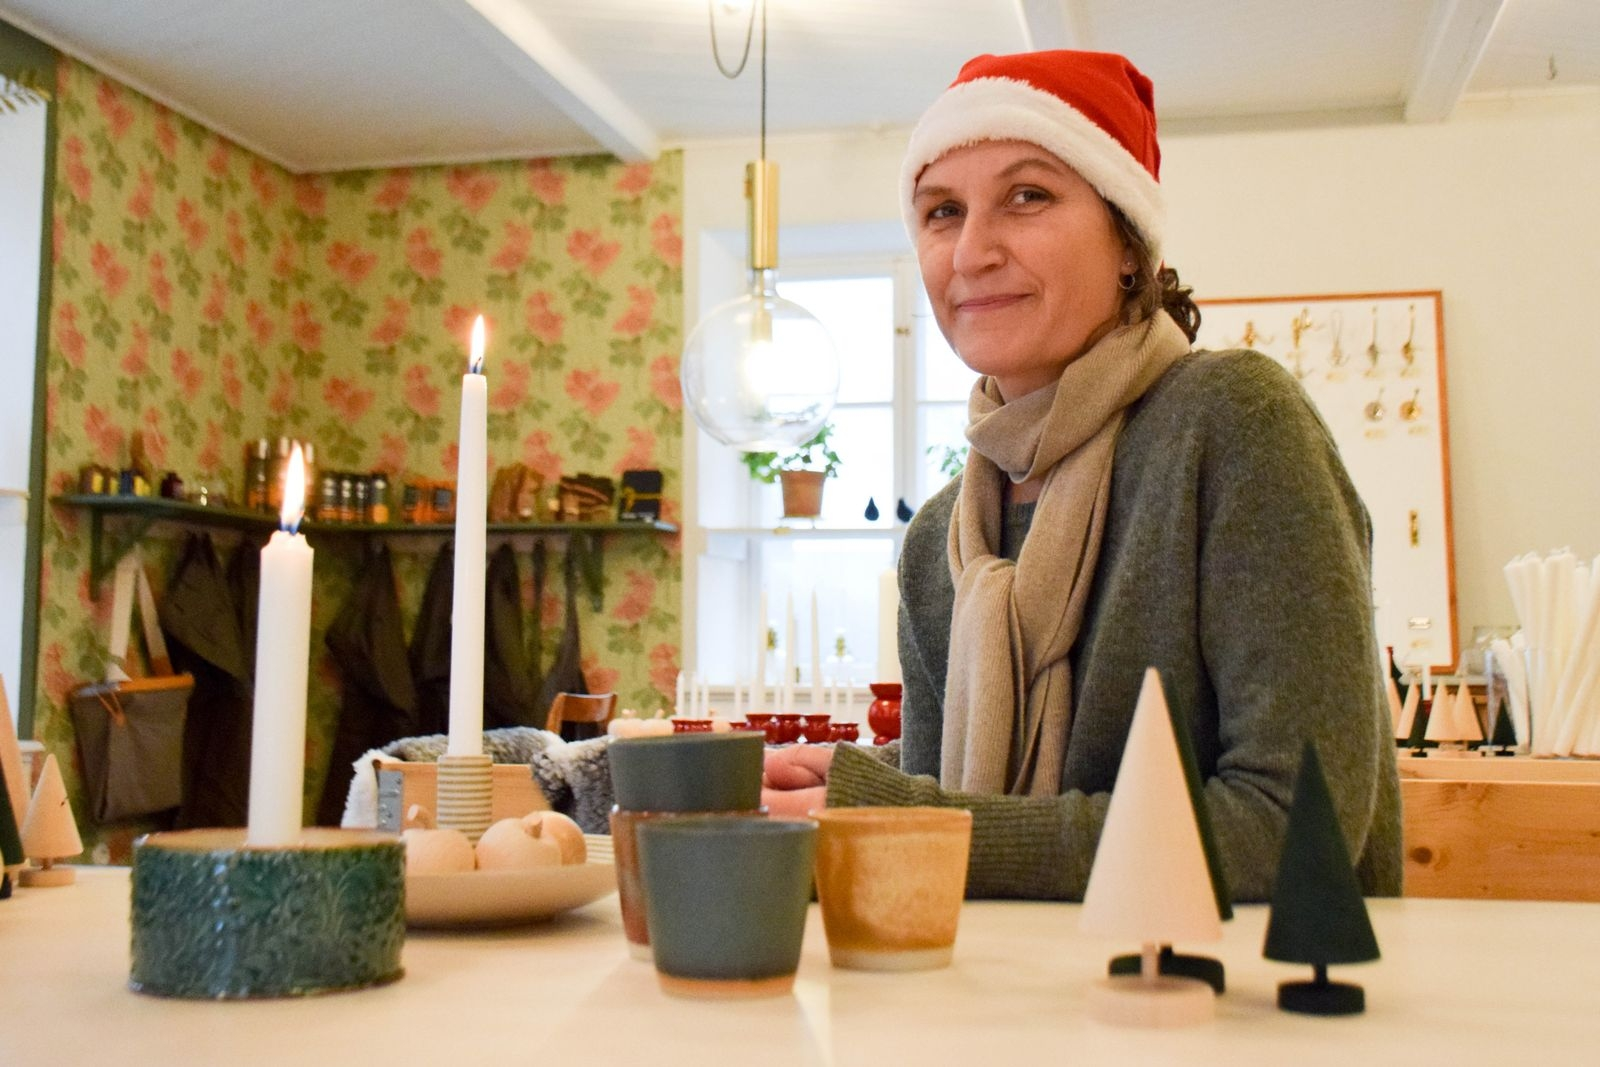 I byggnadsvårdsbutiken Tranes Handelskompagni finns även noga utvald inredning. Maria Trane tipsar om muggar från Bornholms keramikfabrik, ljusfat från Paradisverkstaden och ljusstake signerad keramiker Elisabeth Palm.